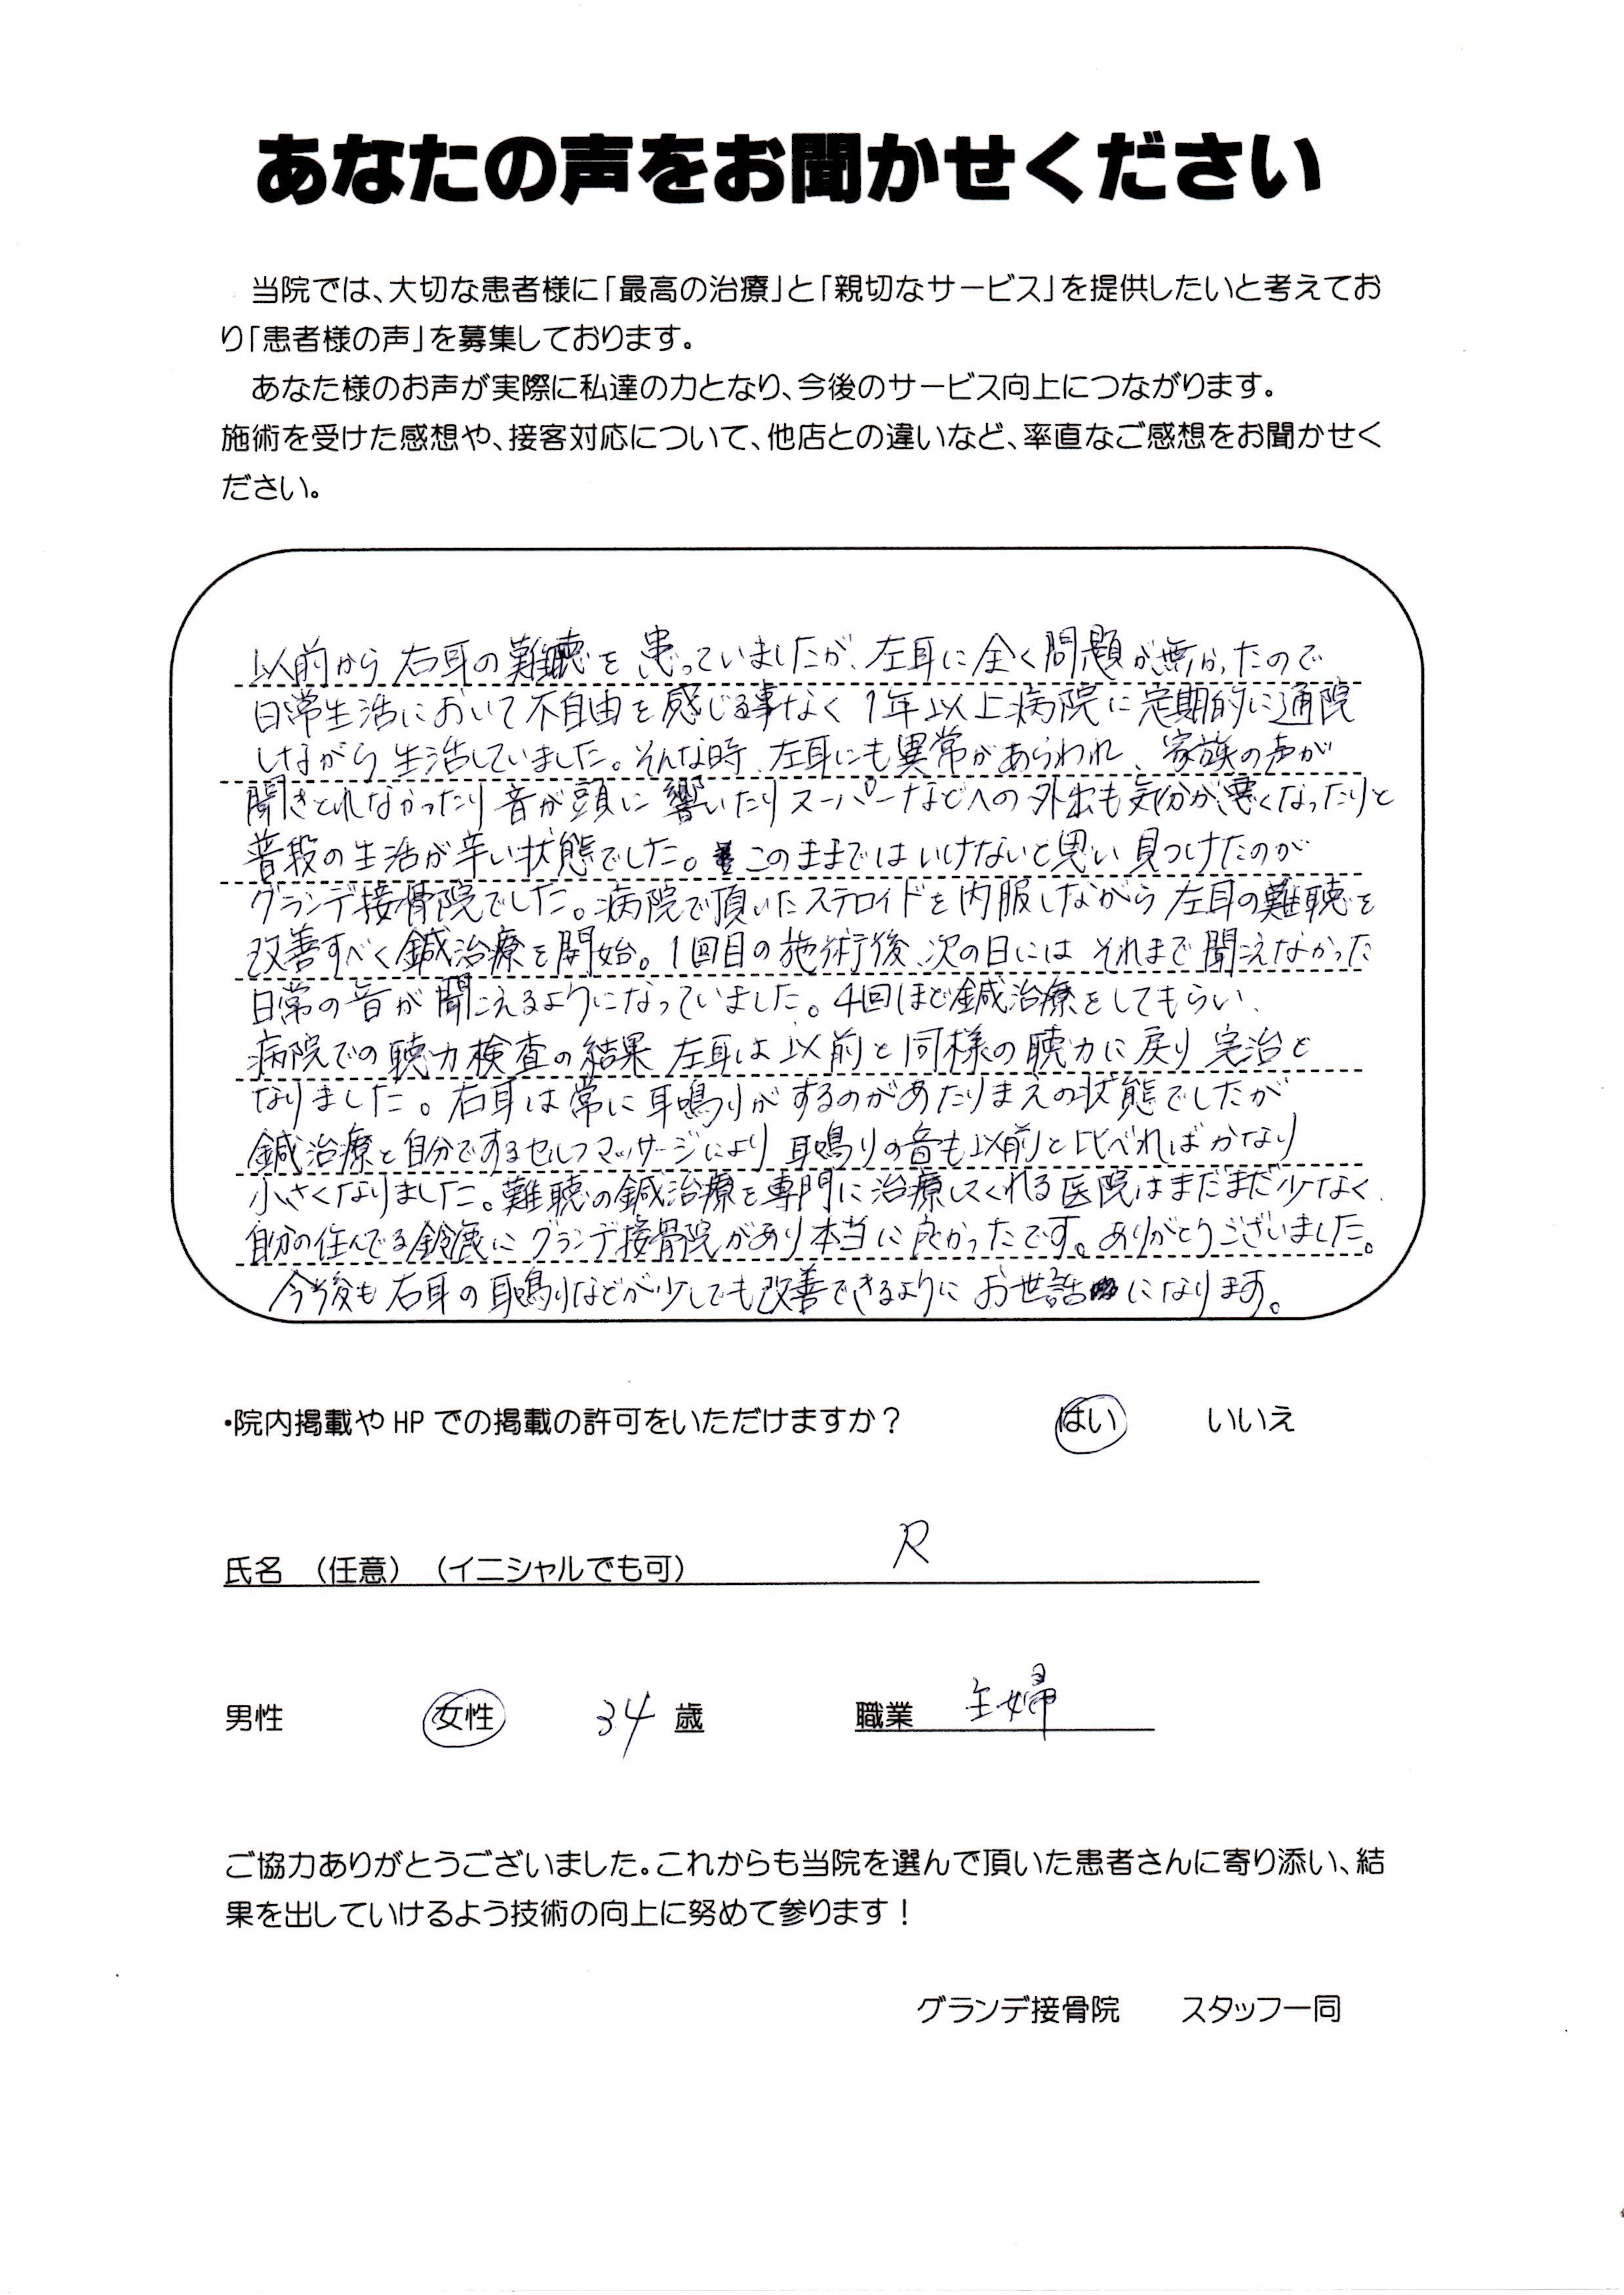 鈴鹿市 グランデ接骨院 難聴アンケート